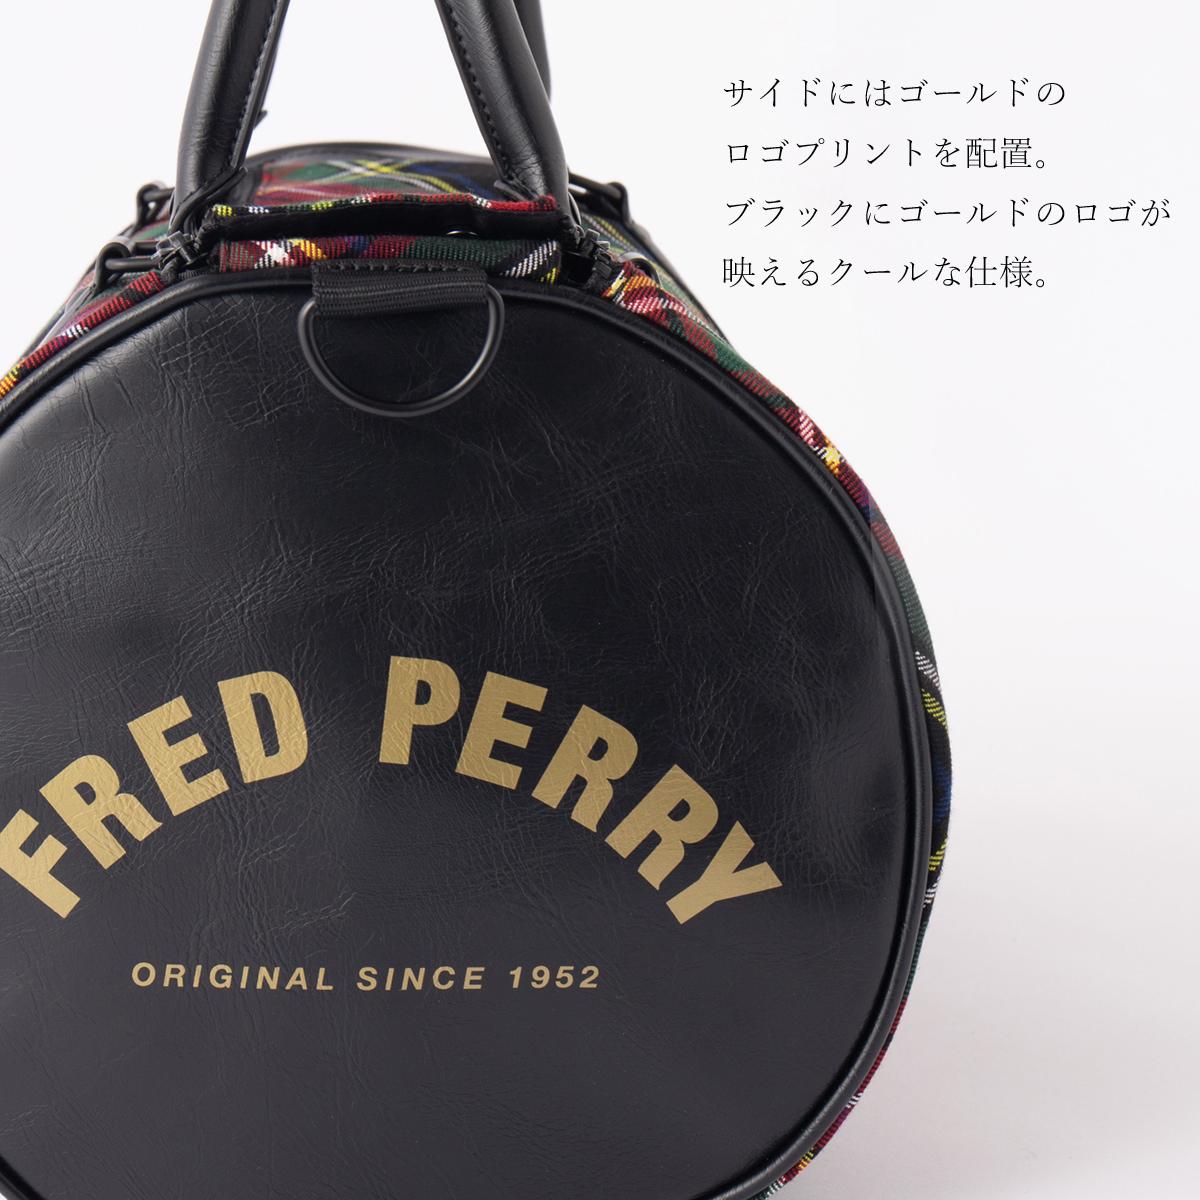 フレッドペリー バレルバッグ トートバッグ タータンチェック メンズ 26×45×25cm ブラックタータン ユニセックス Fred Perry 正規販売店